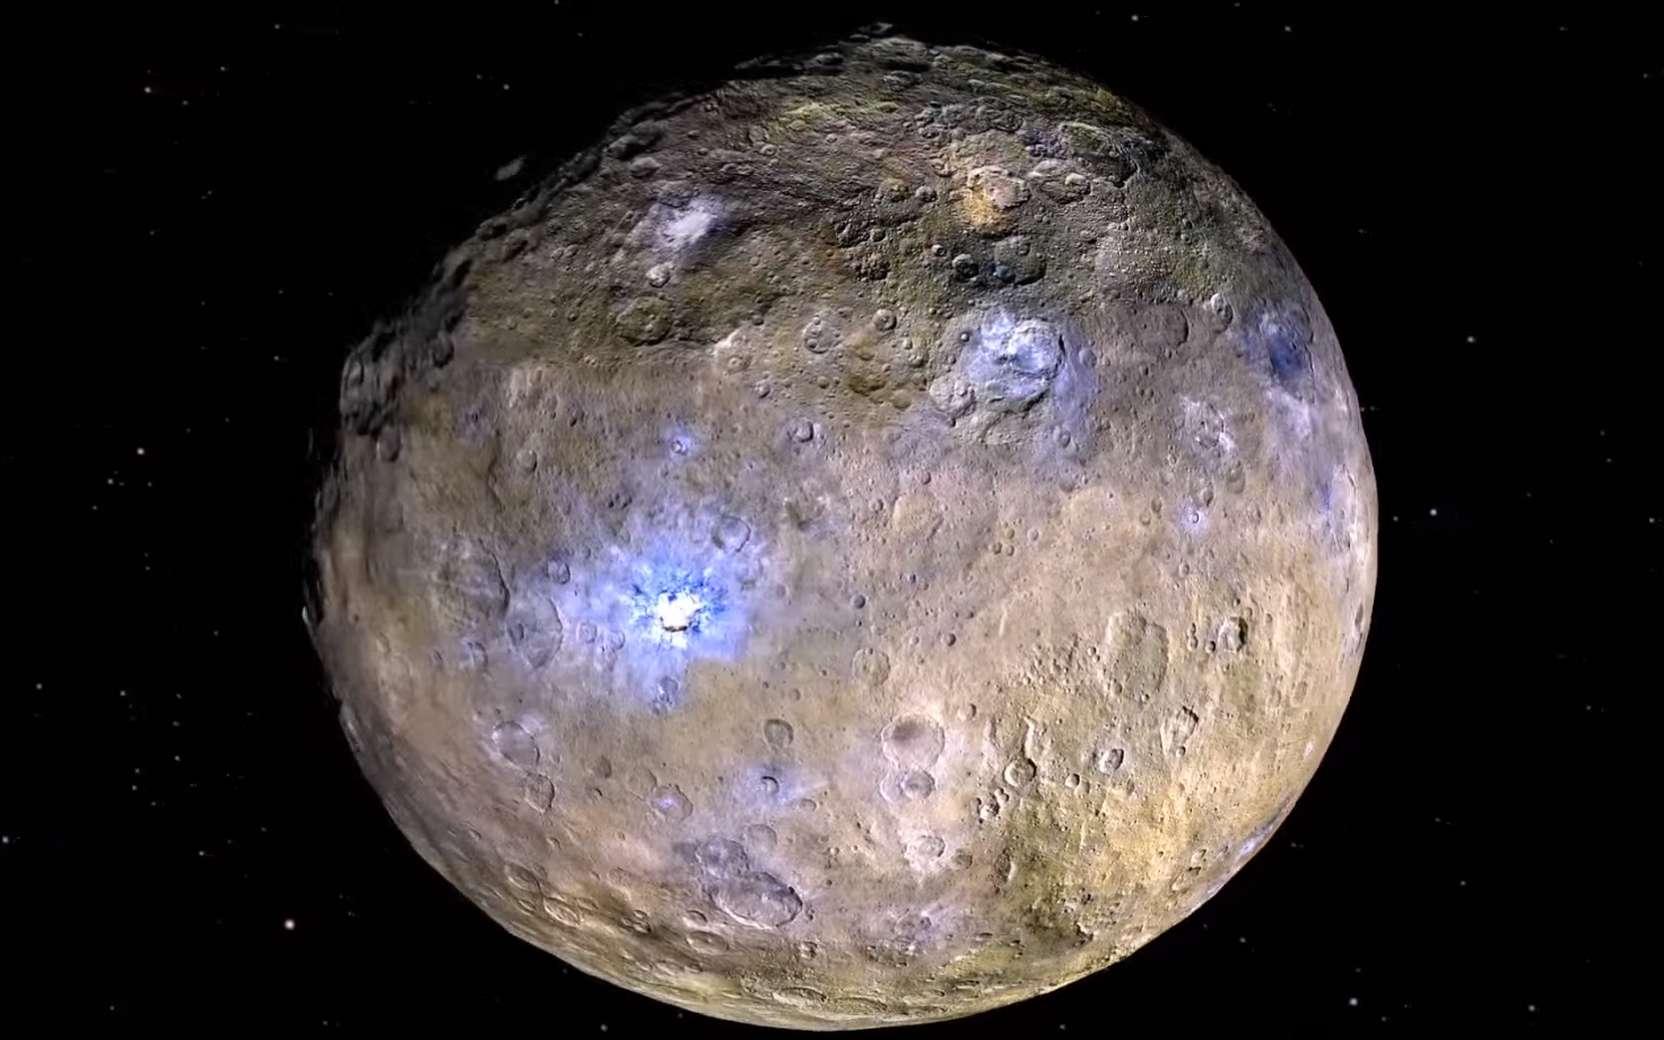 La planète Cérès et ses taches blanches brillant au fond de plusieurs cratère, photographiée par la sonde Dawn. © Nasa, JPL-Caltech, Ucla, MPS, DLR, IDA